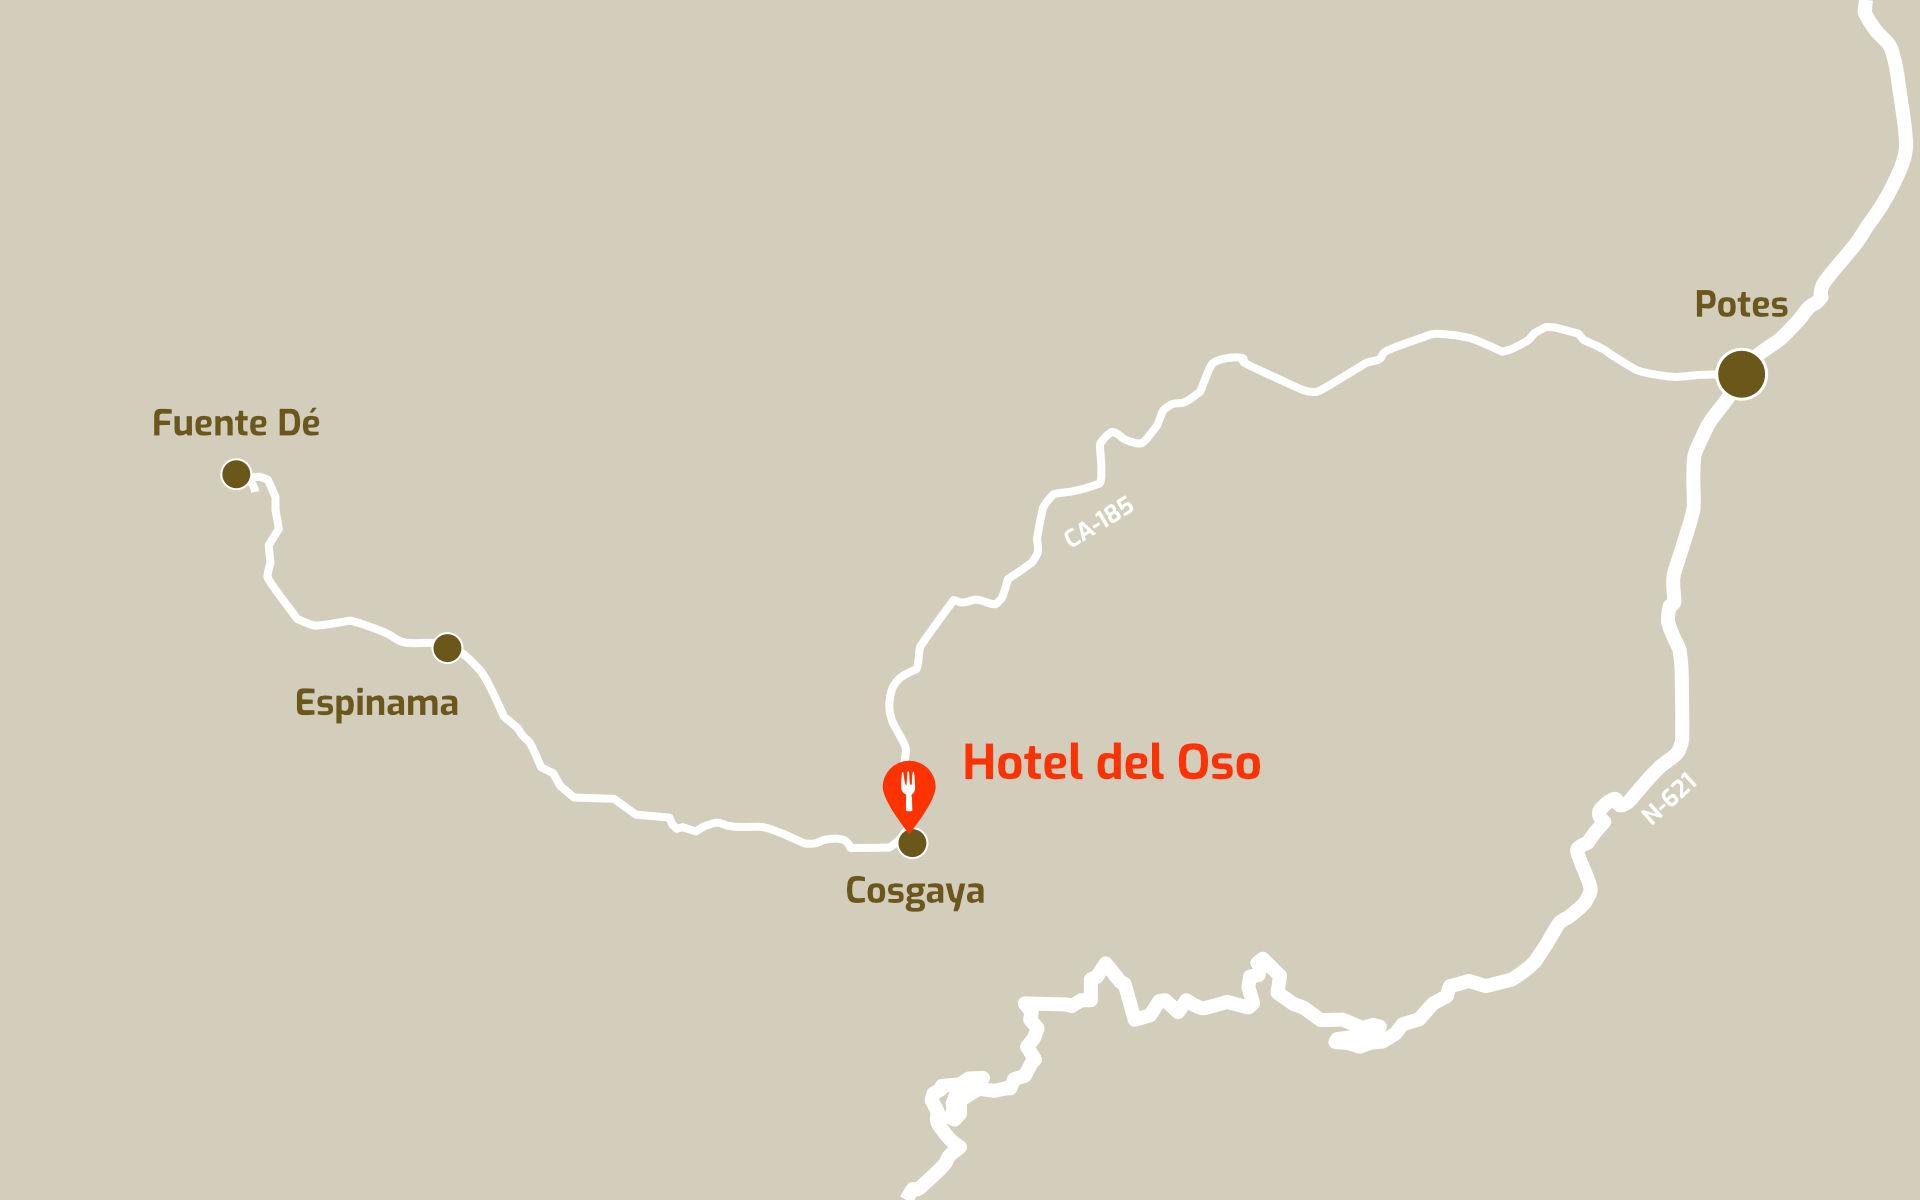 Mapa de cómo llegar al restaurante del Hotel del Oso en Cosgaya, Liébana, Cantabria